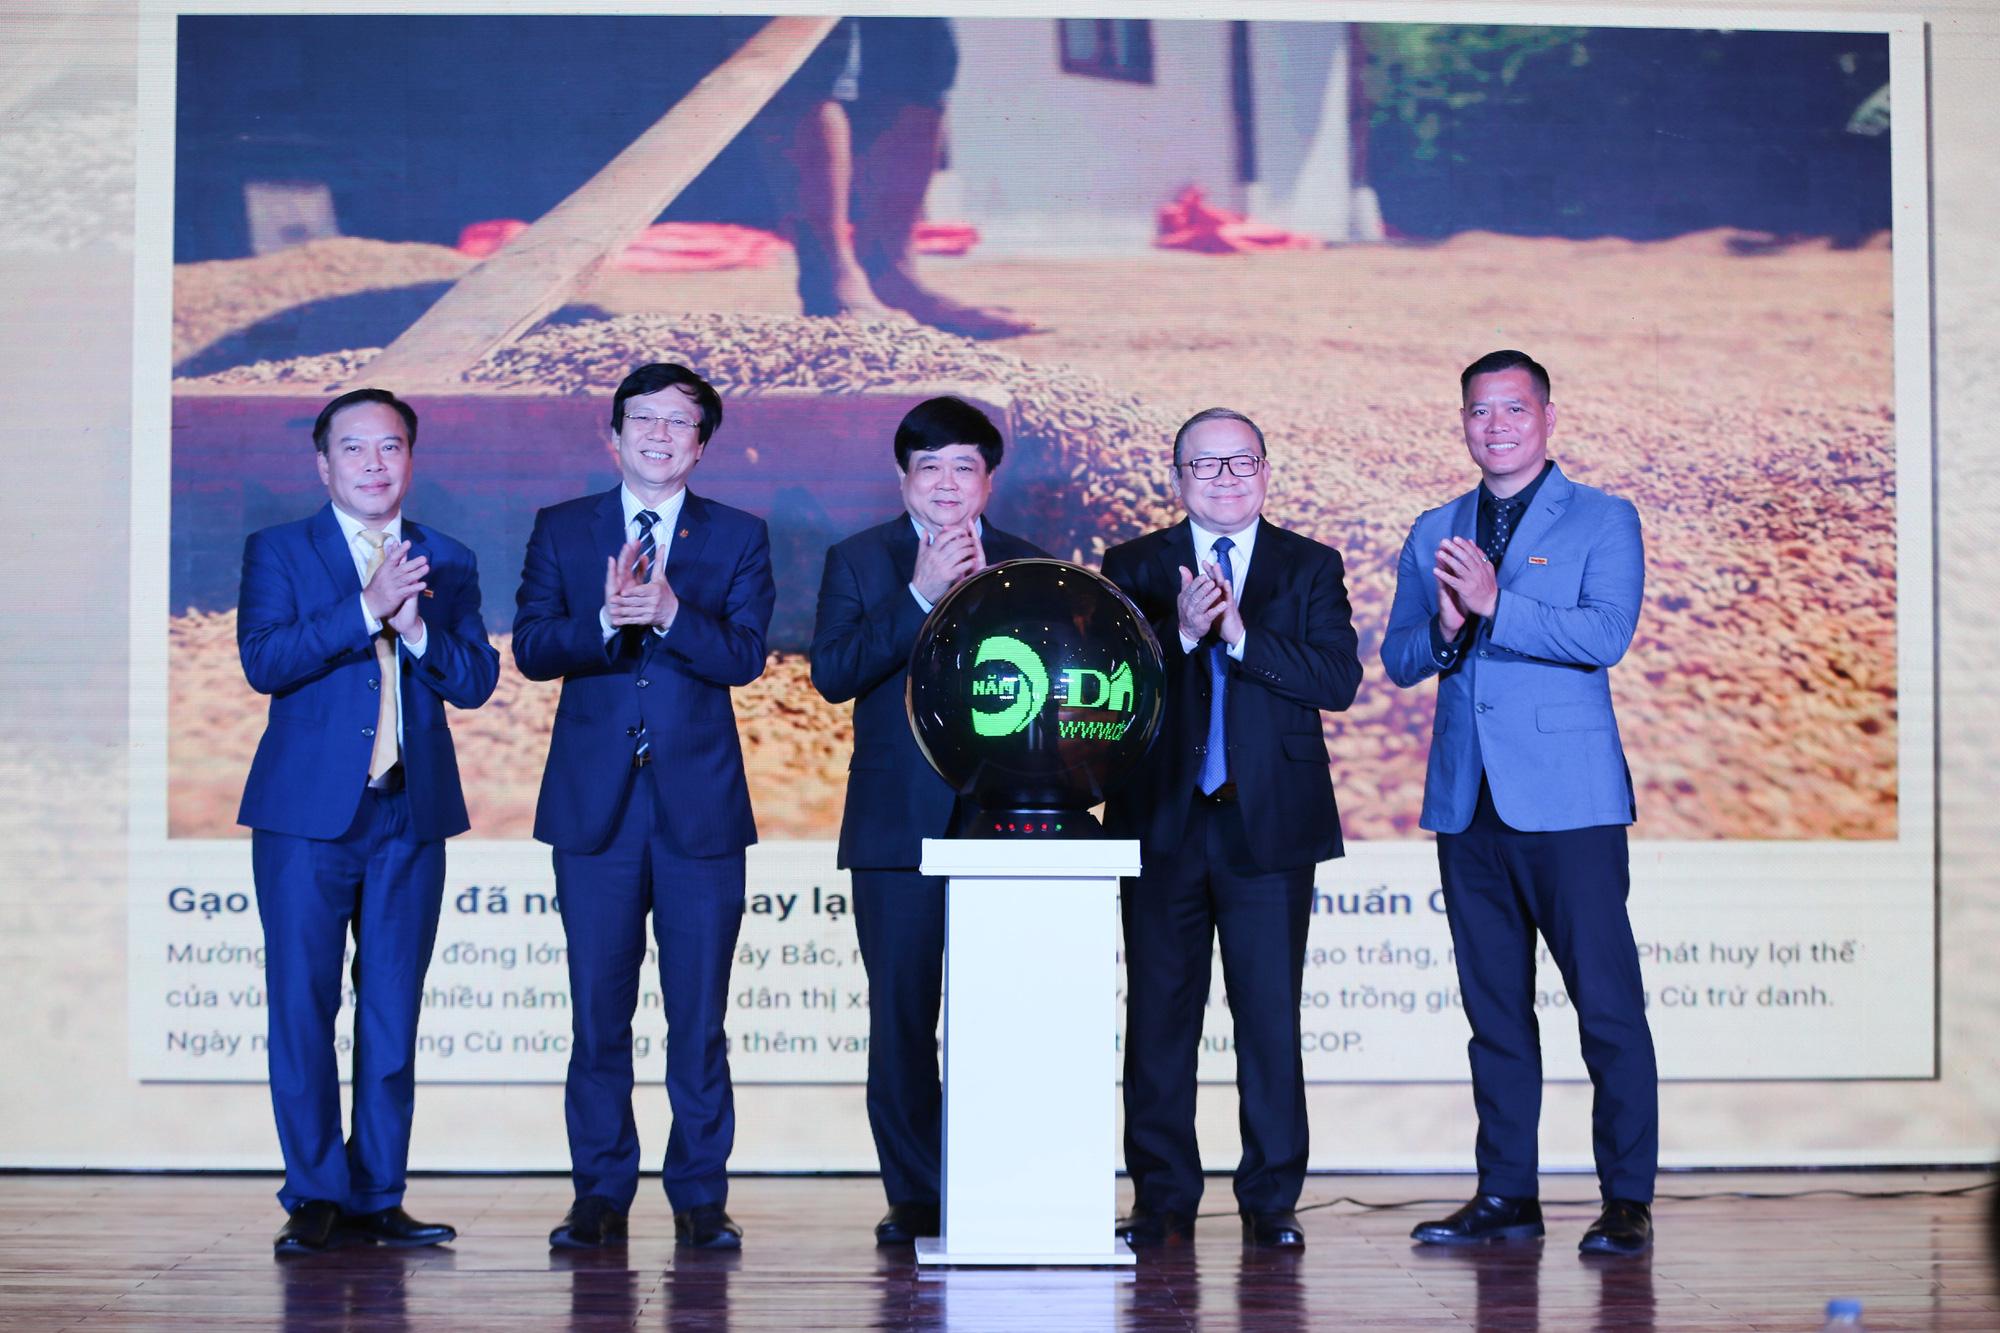 Ra mắt Chuyên trang Dân Việt Media - Ảnh 2.